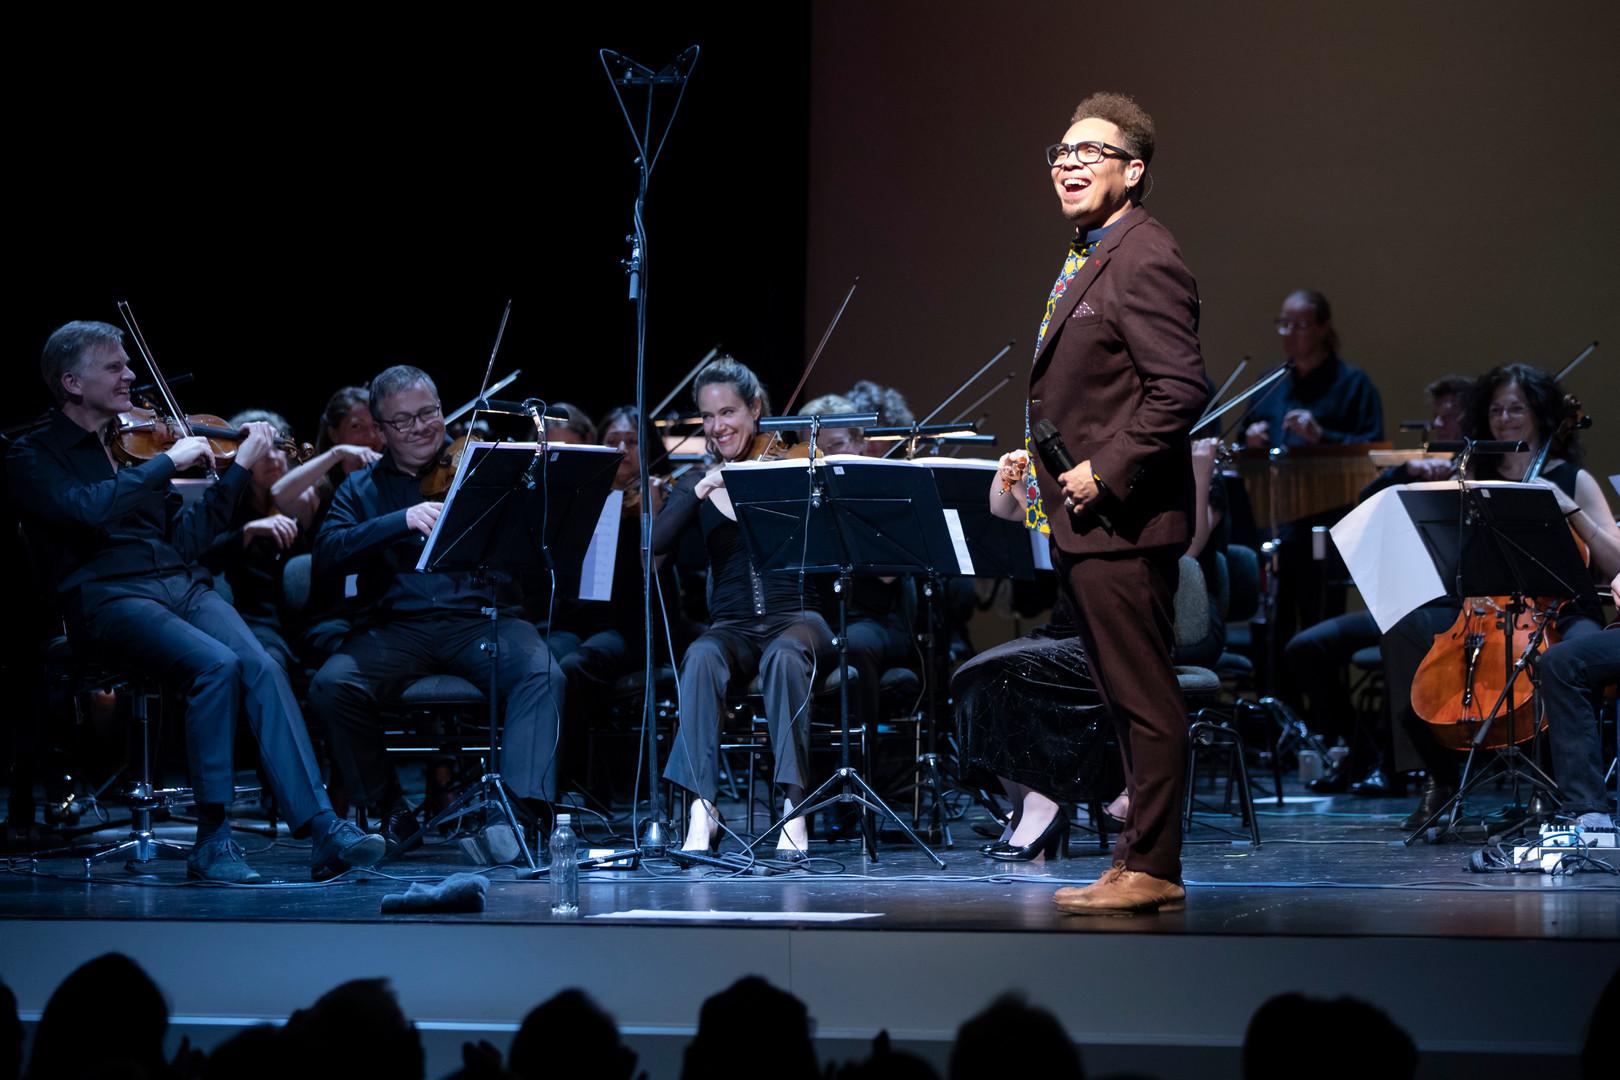 Das ZKO mit Musiker Marc Sway